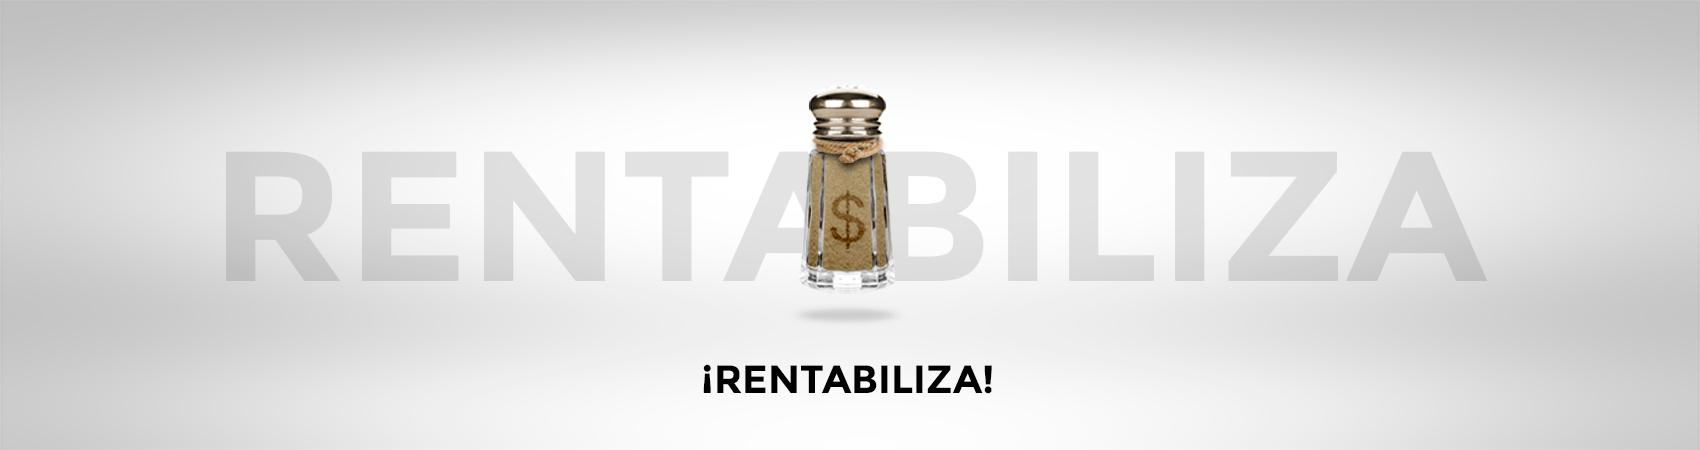 RENTABILIZA